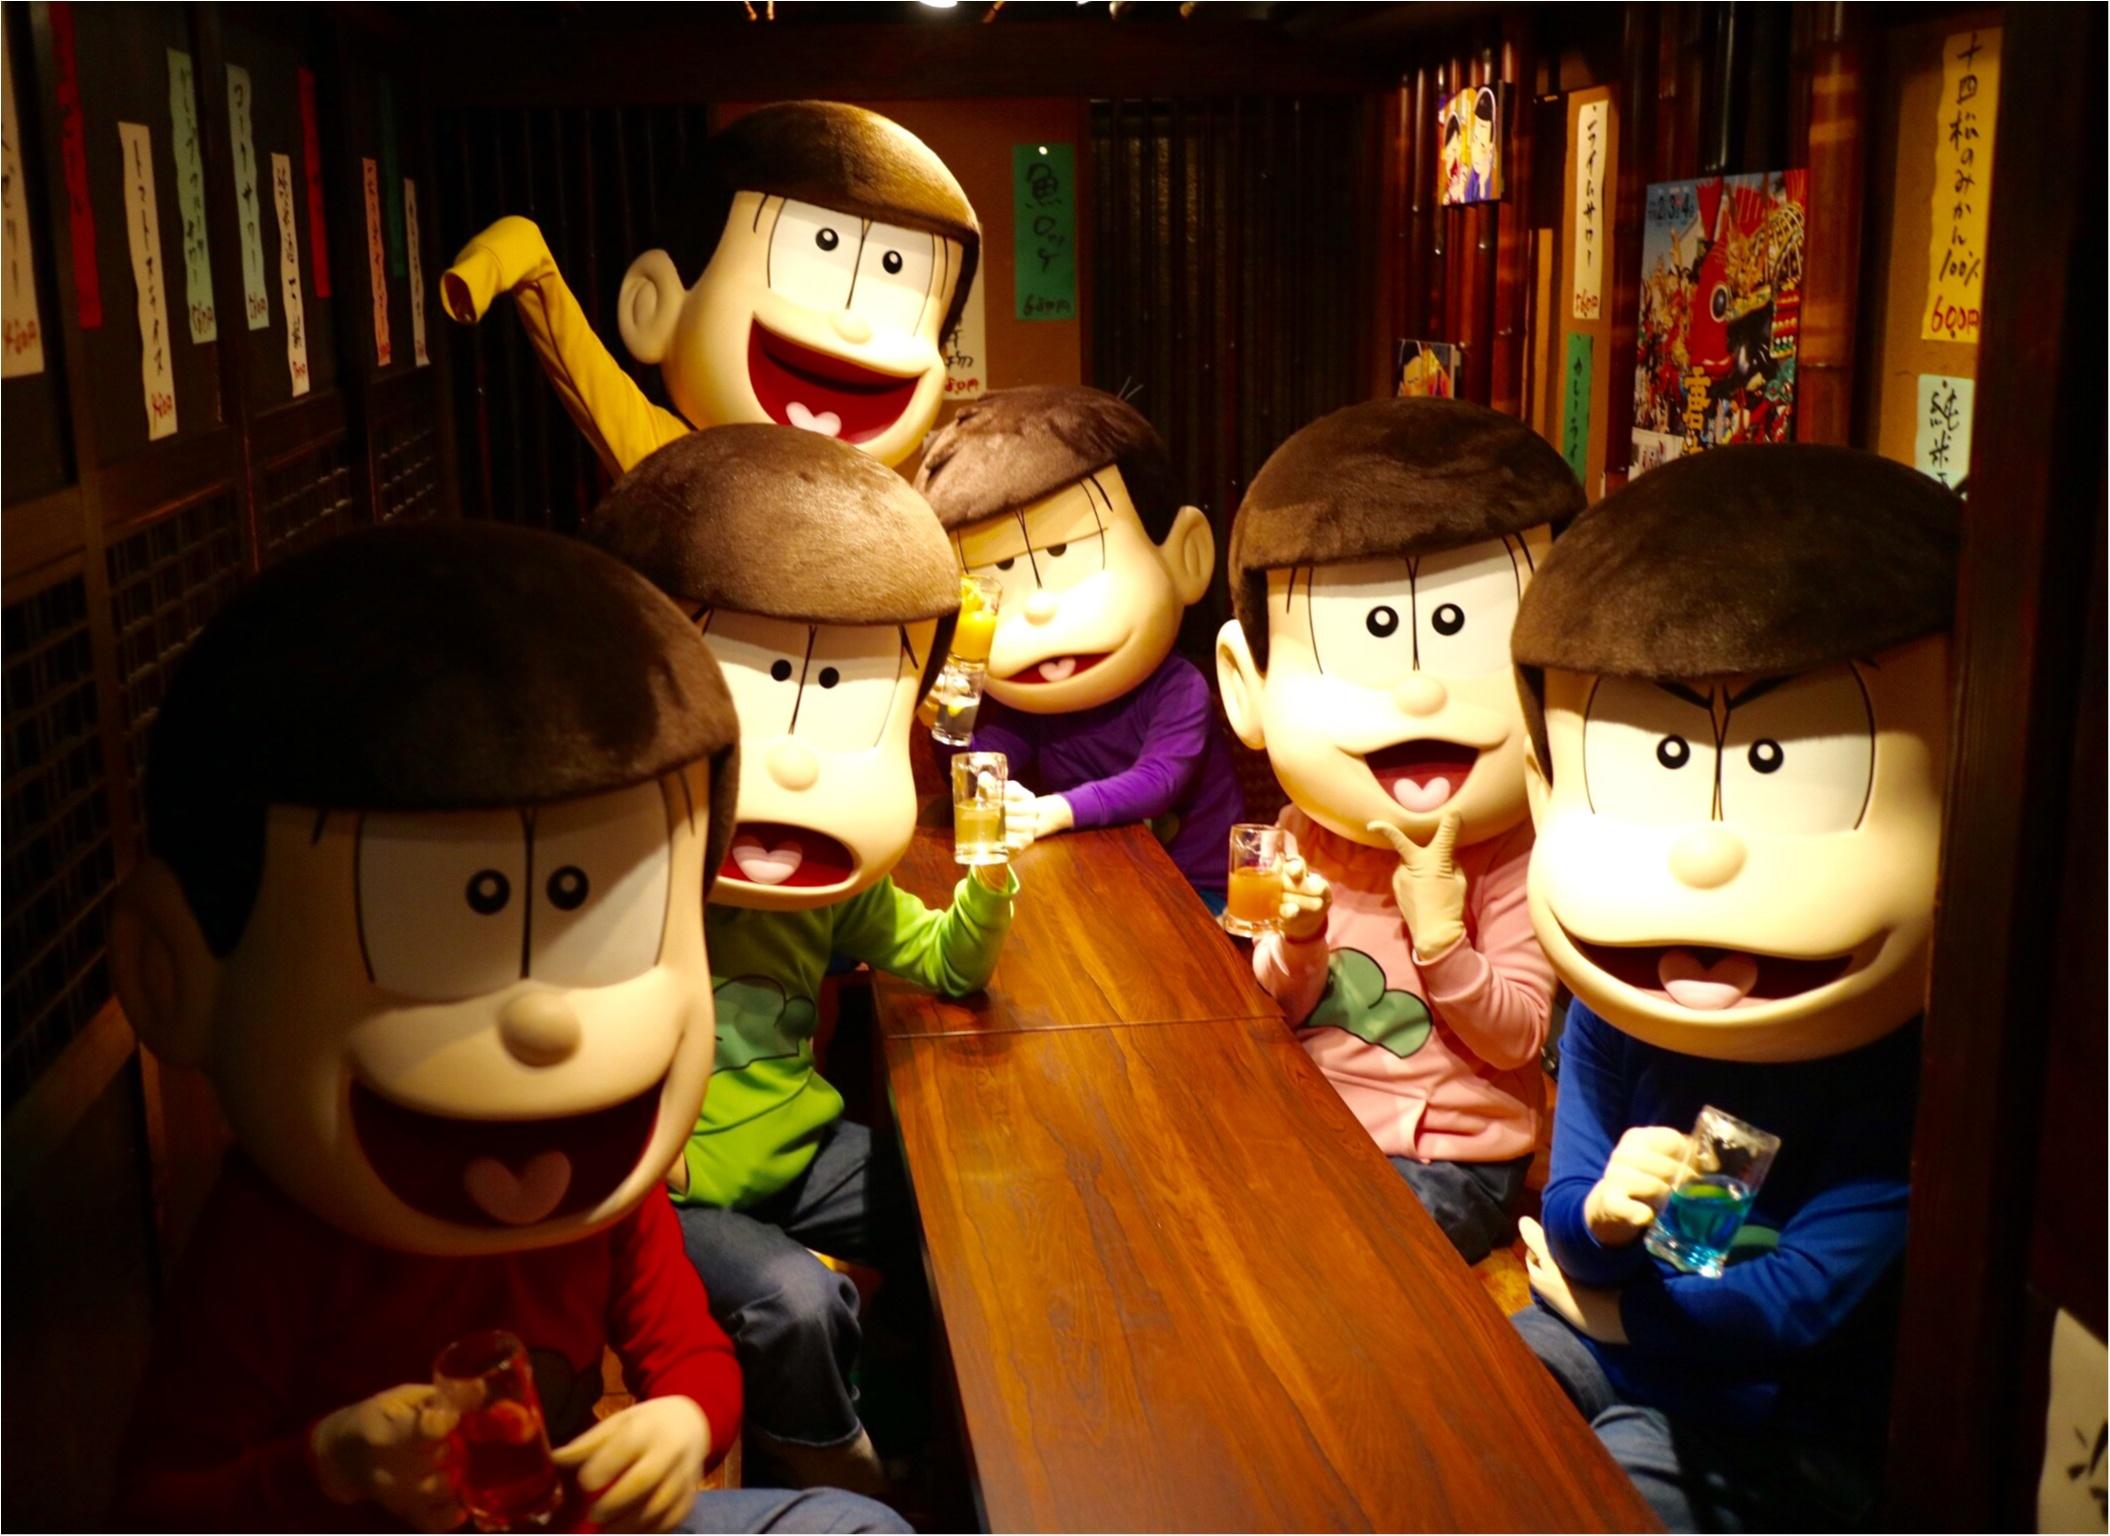 大人気の「おそ松さん」が佐賀県とコラボ!? 『さが松り居酒屋』で六つ子と一緒に飲んできました☆_5